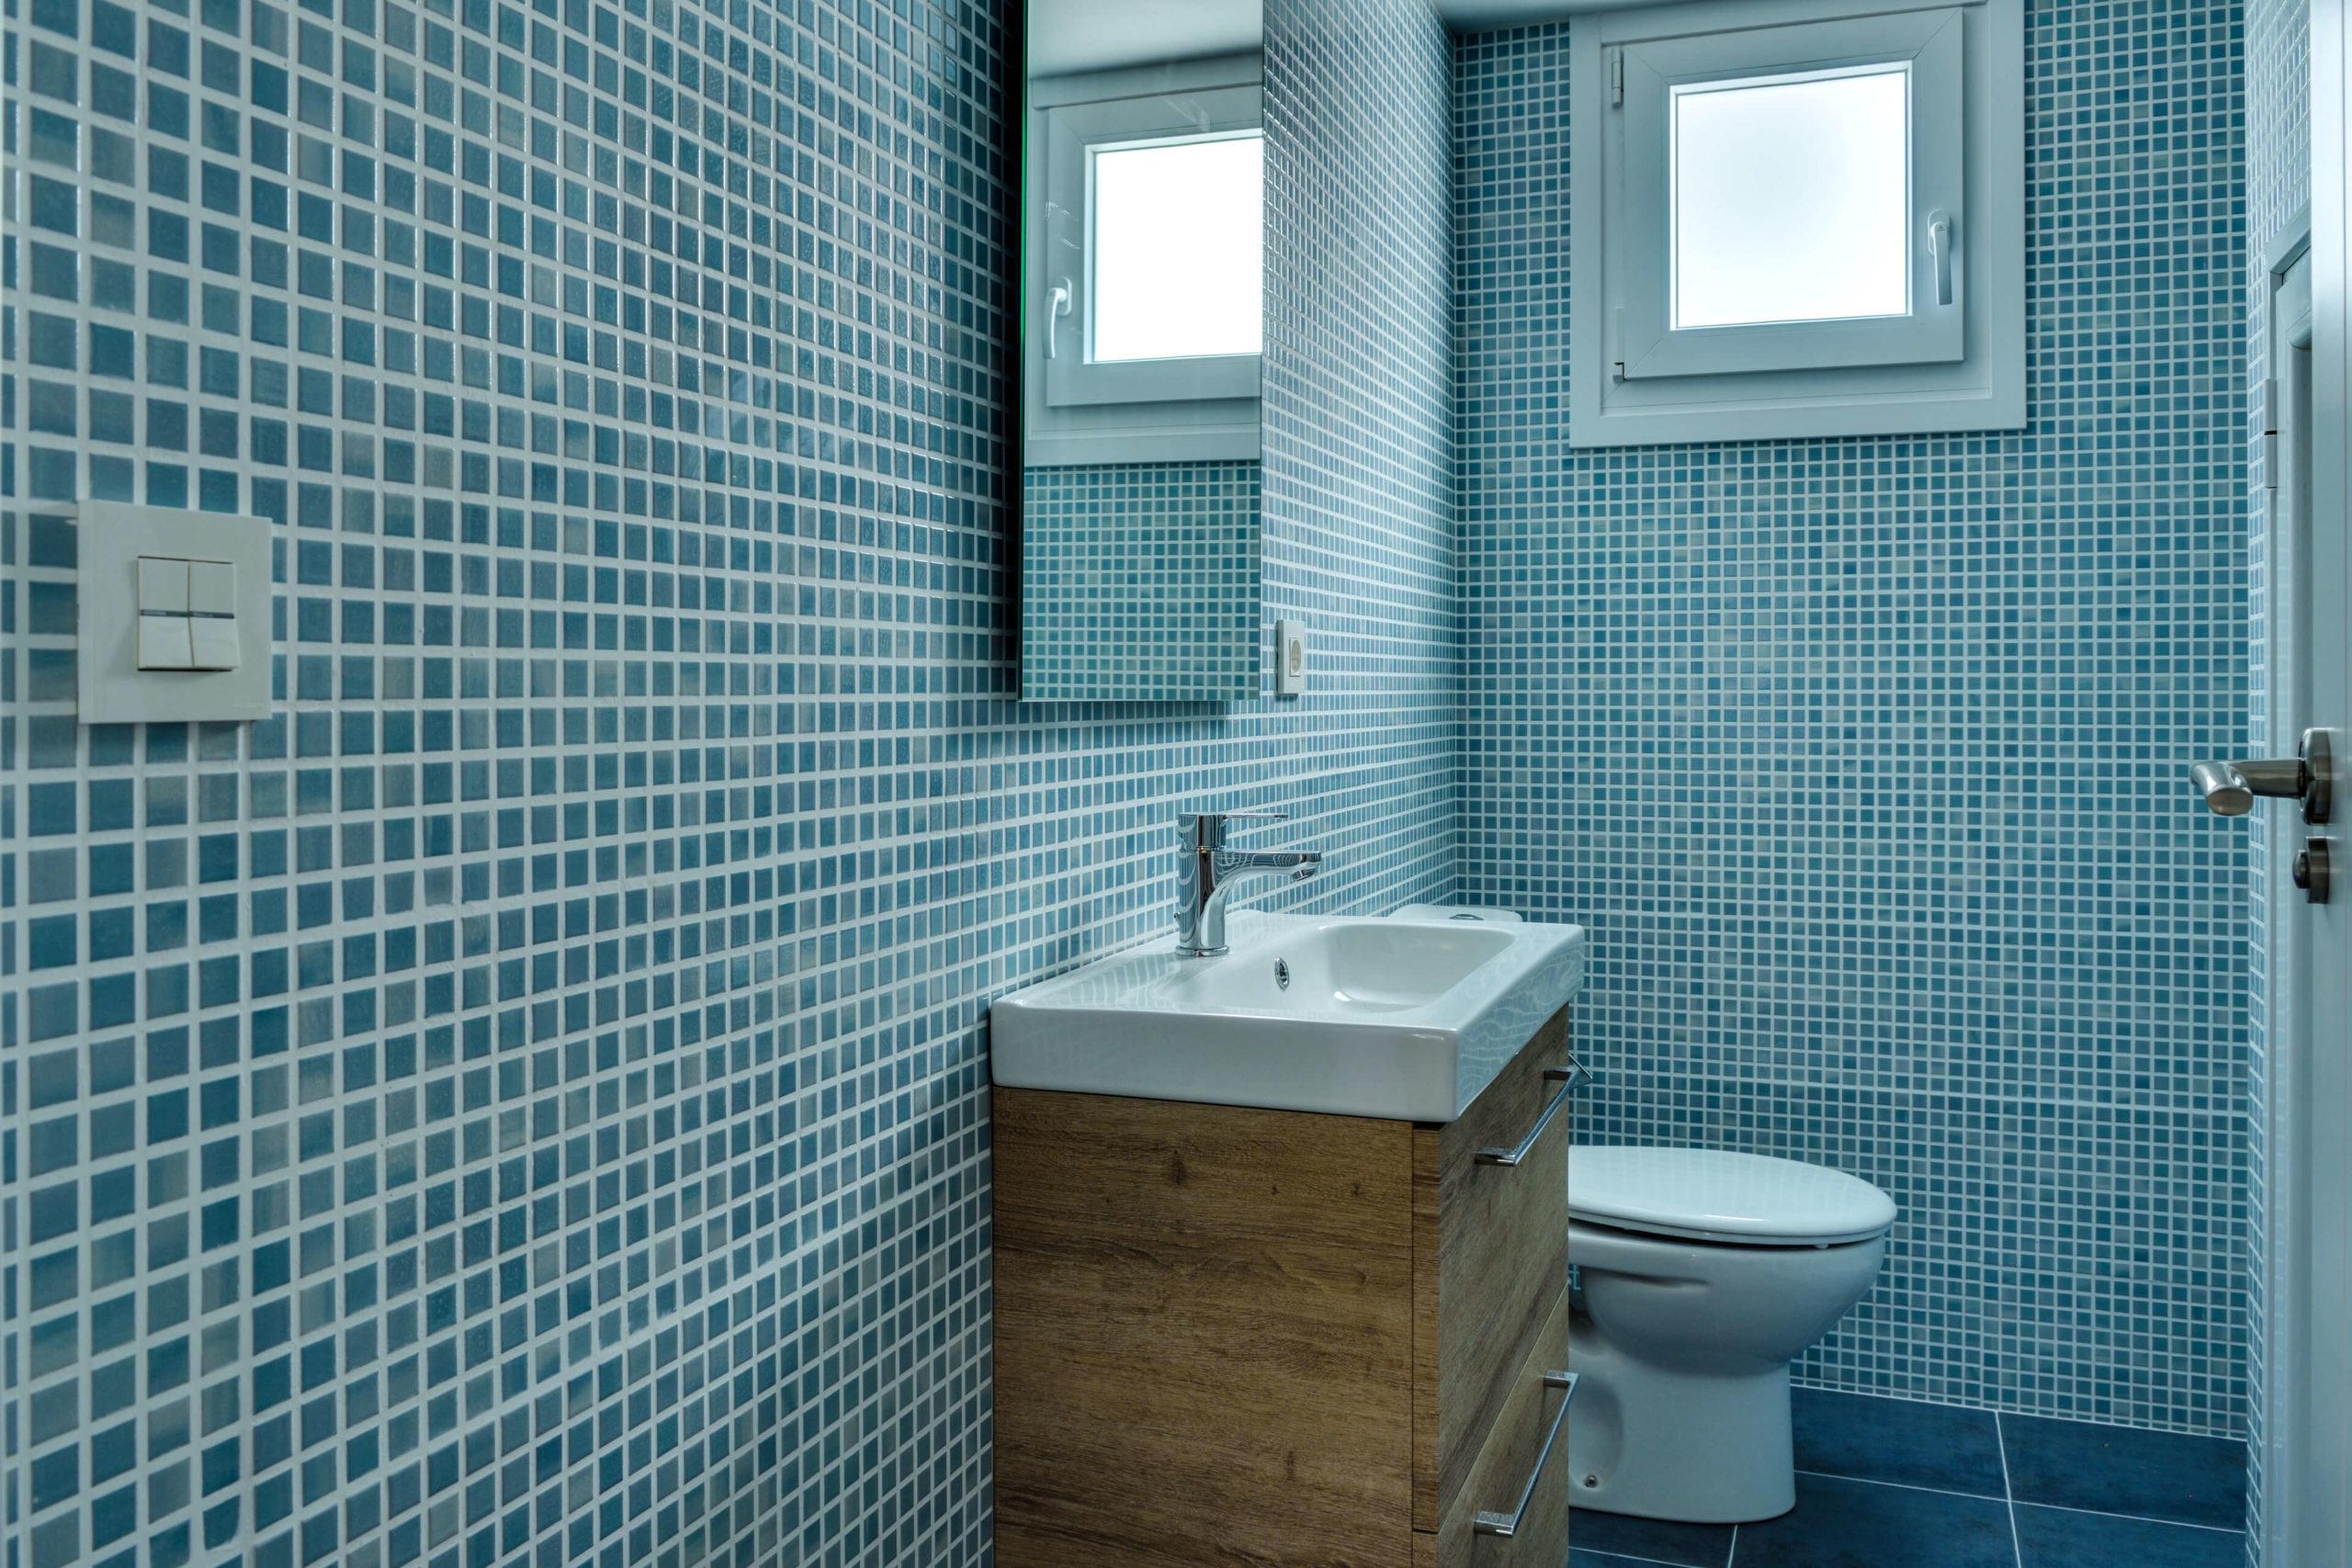 baño renovado alquiler piso compartido zaragoza